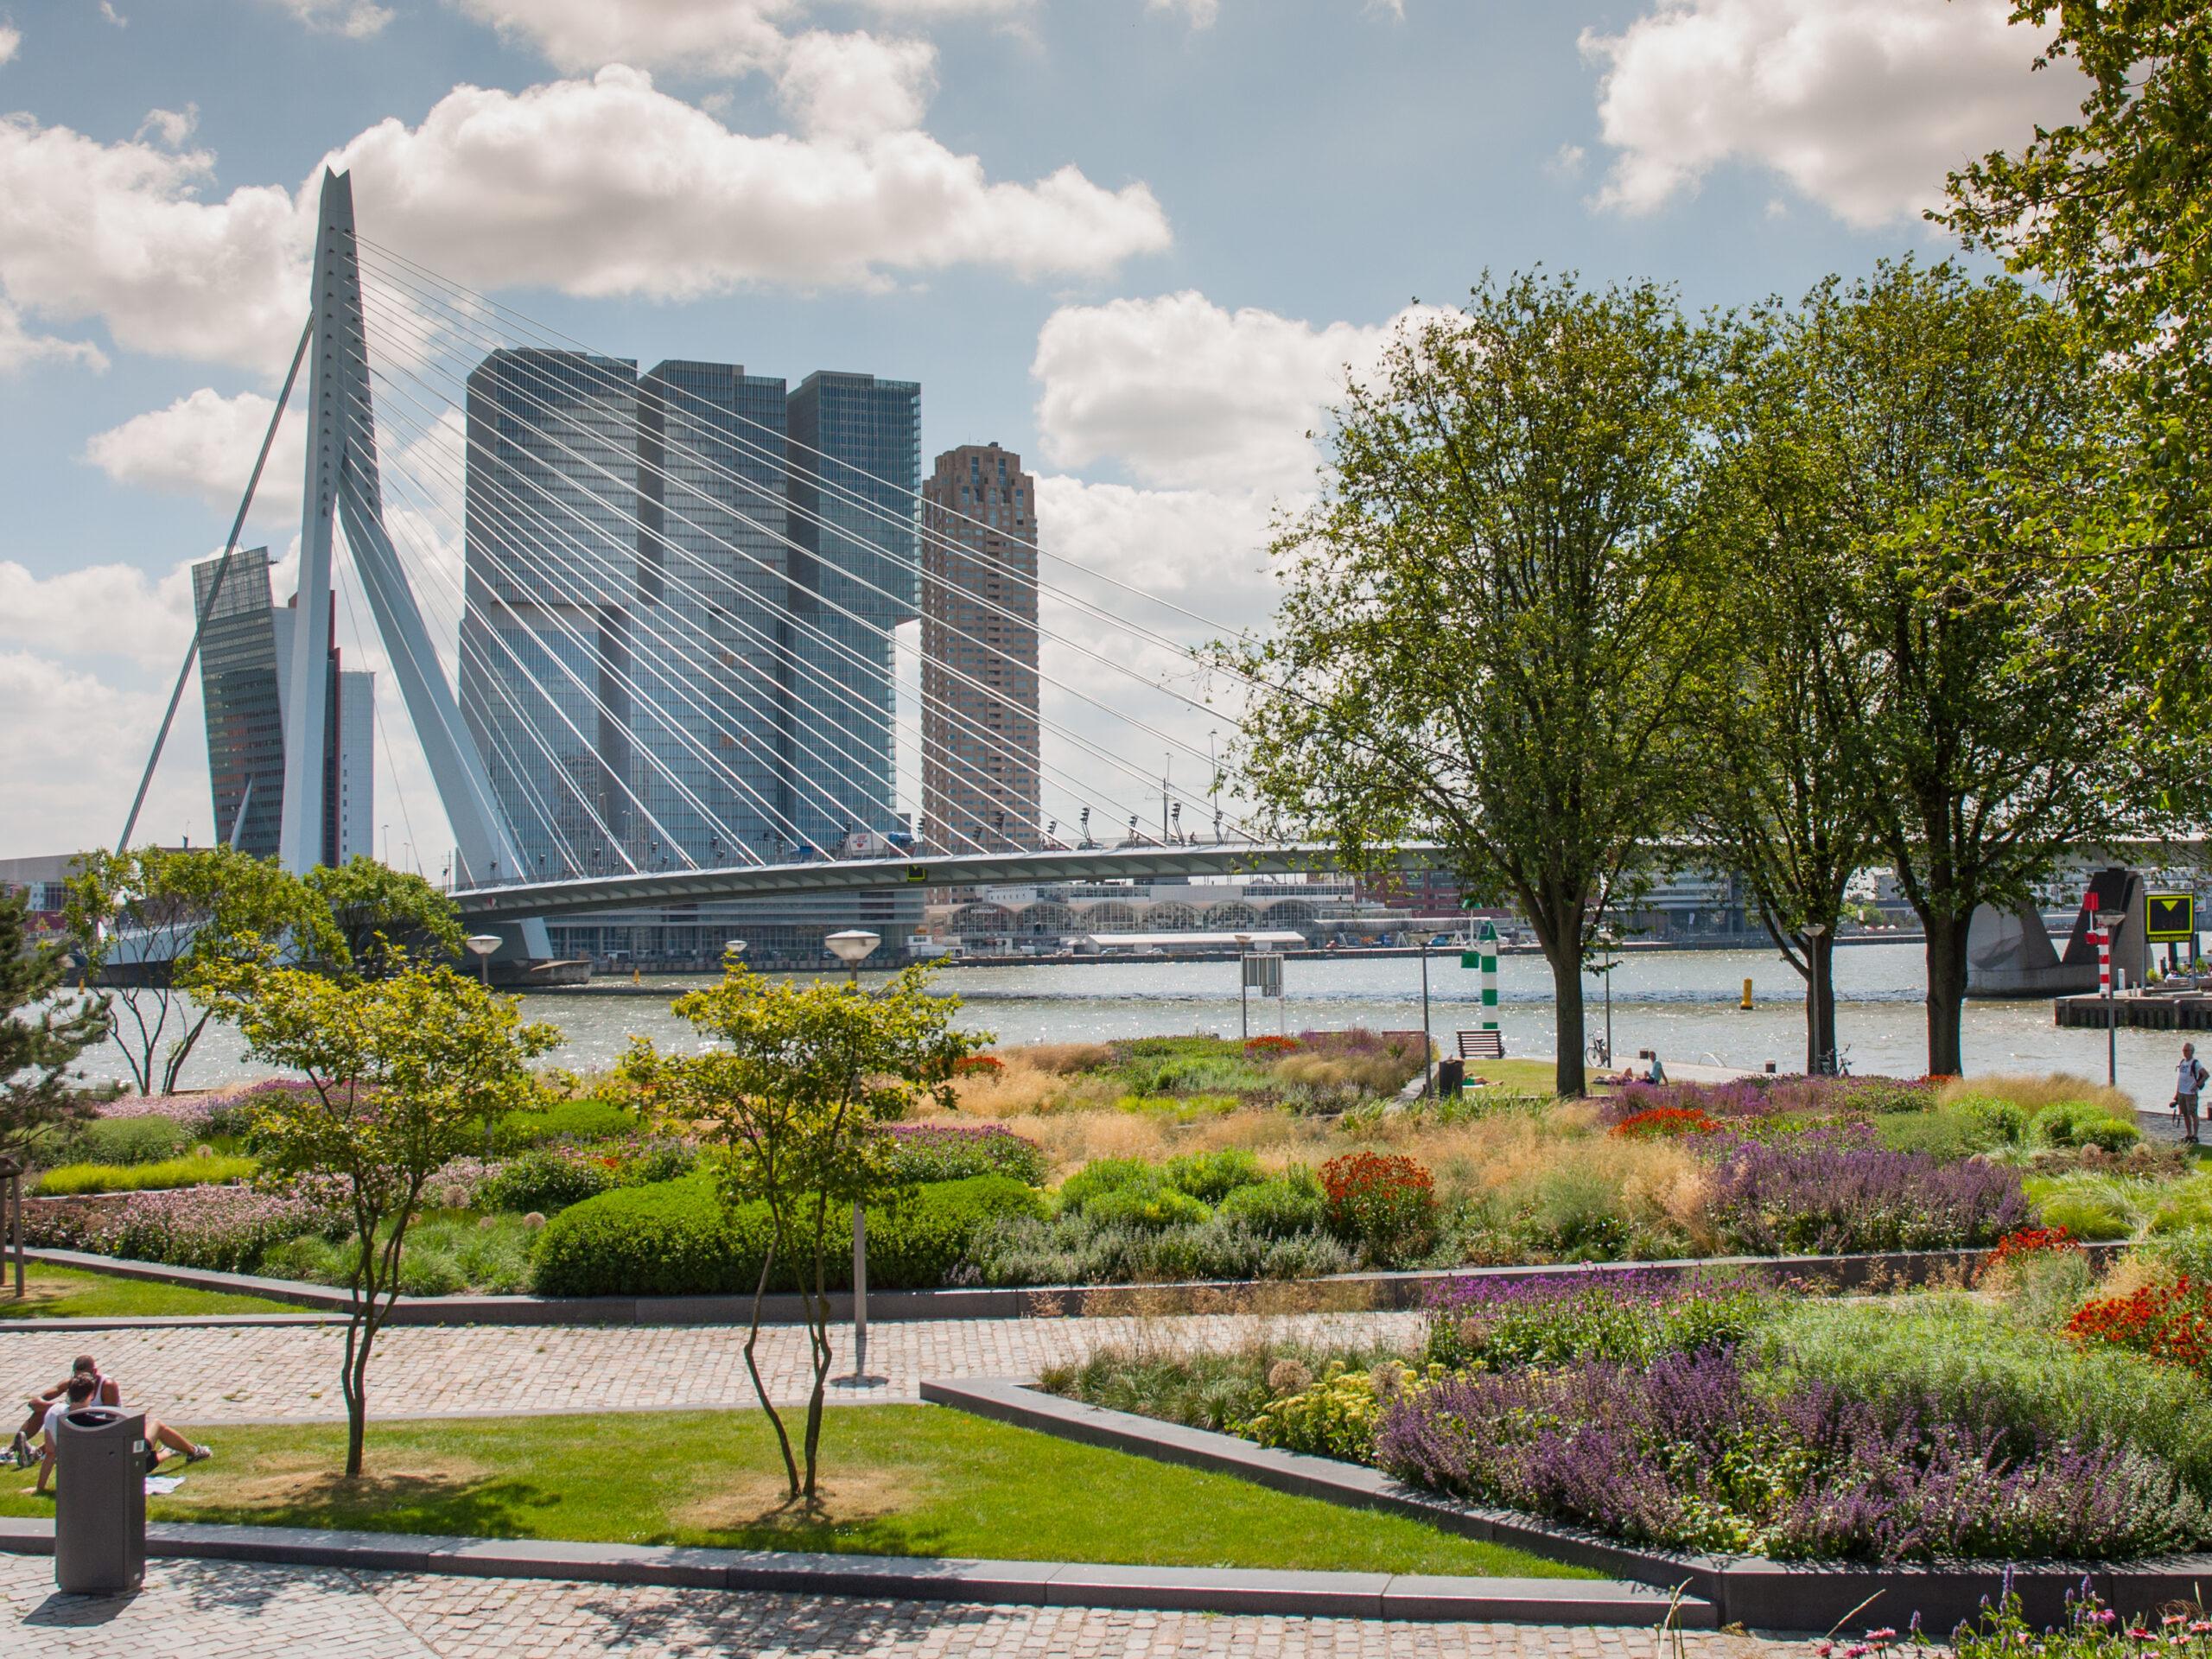 Nieuw groen energiecontract voor gemeente Rotterdam, hoe verliep aanpak aanbesteding?